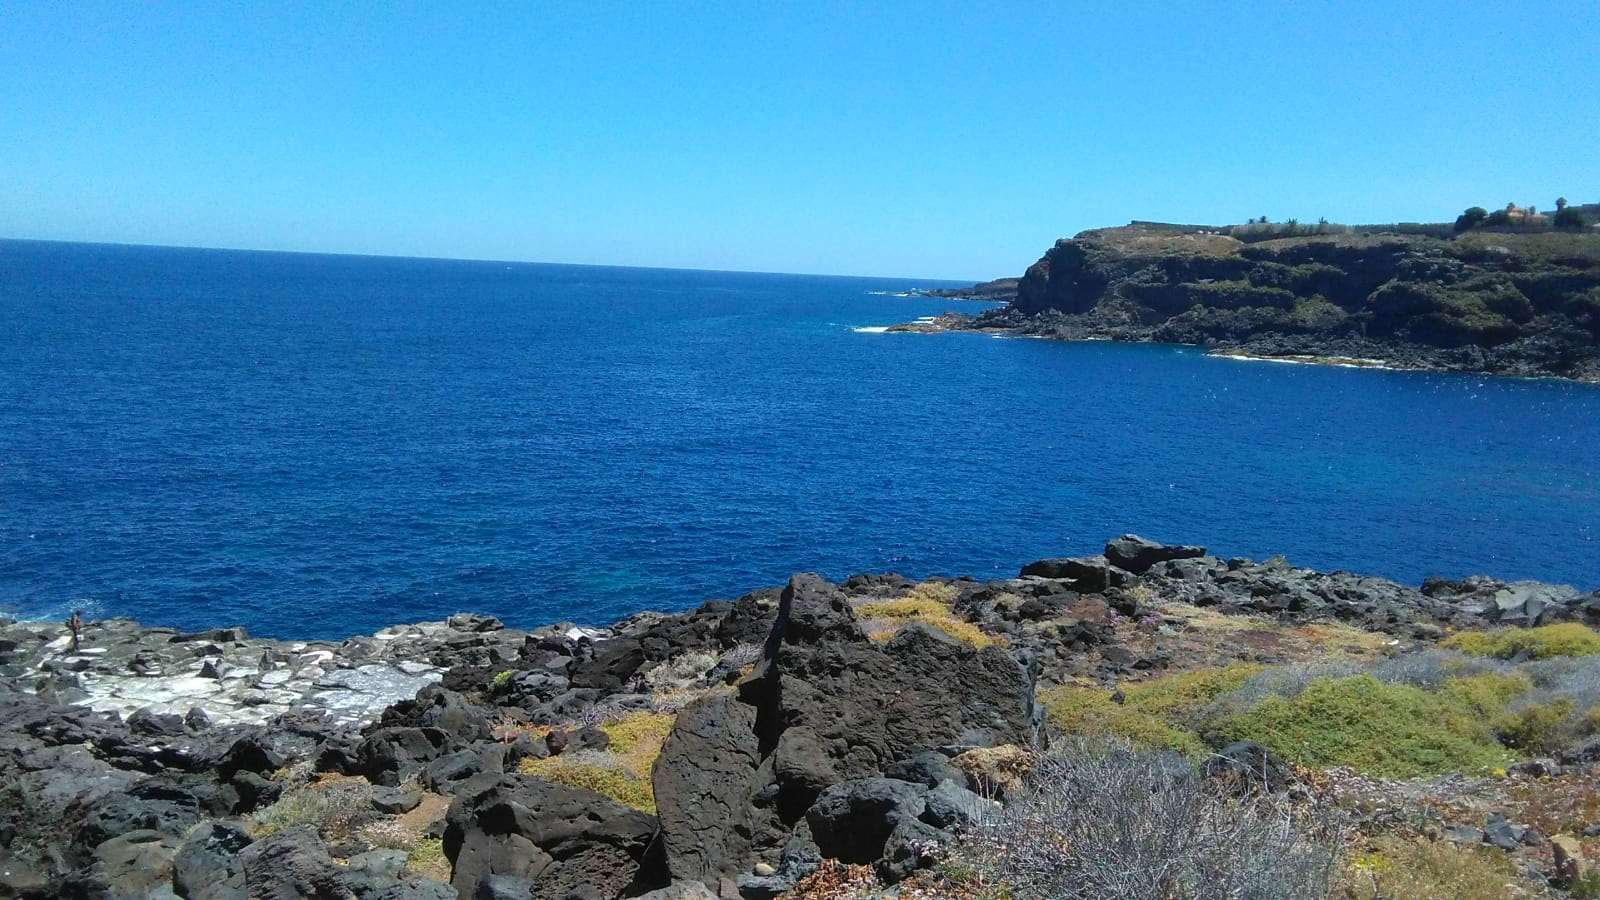 La couleur blanche des salines se détache sur la lave et le bleu de la mer